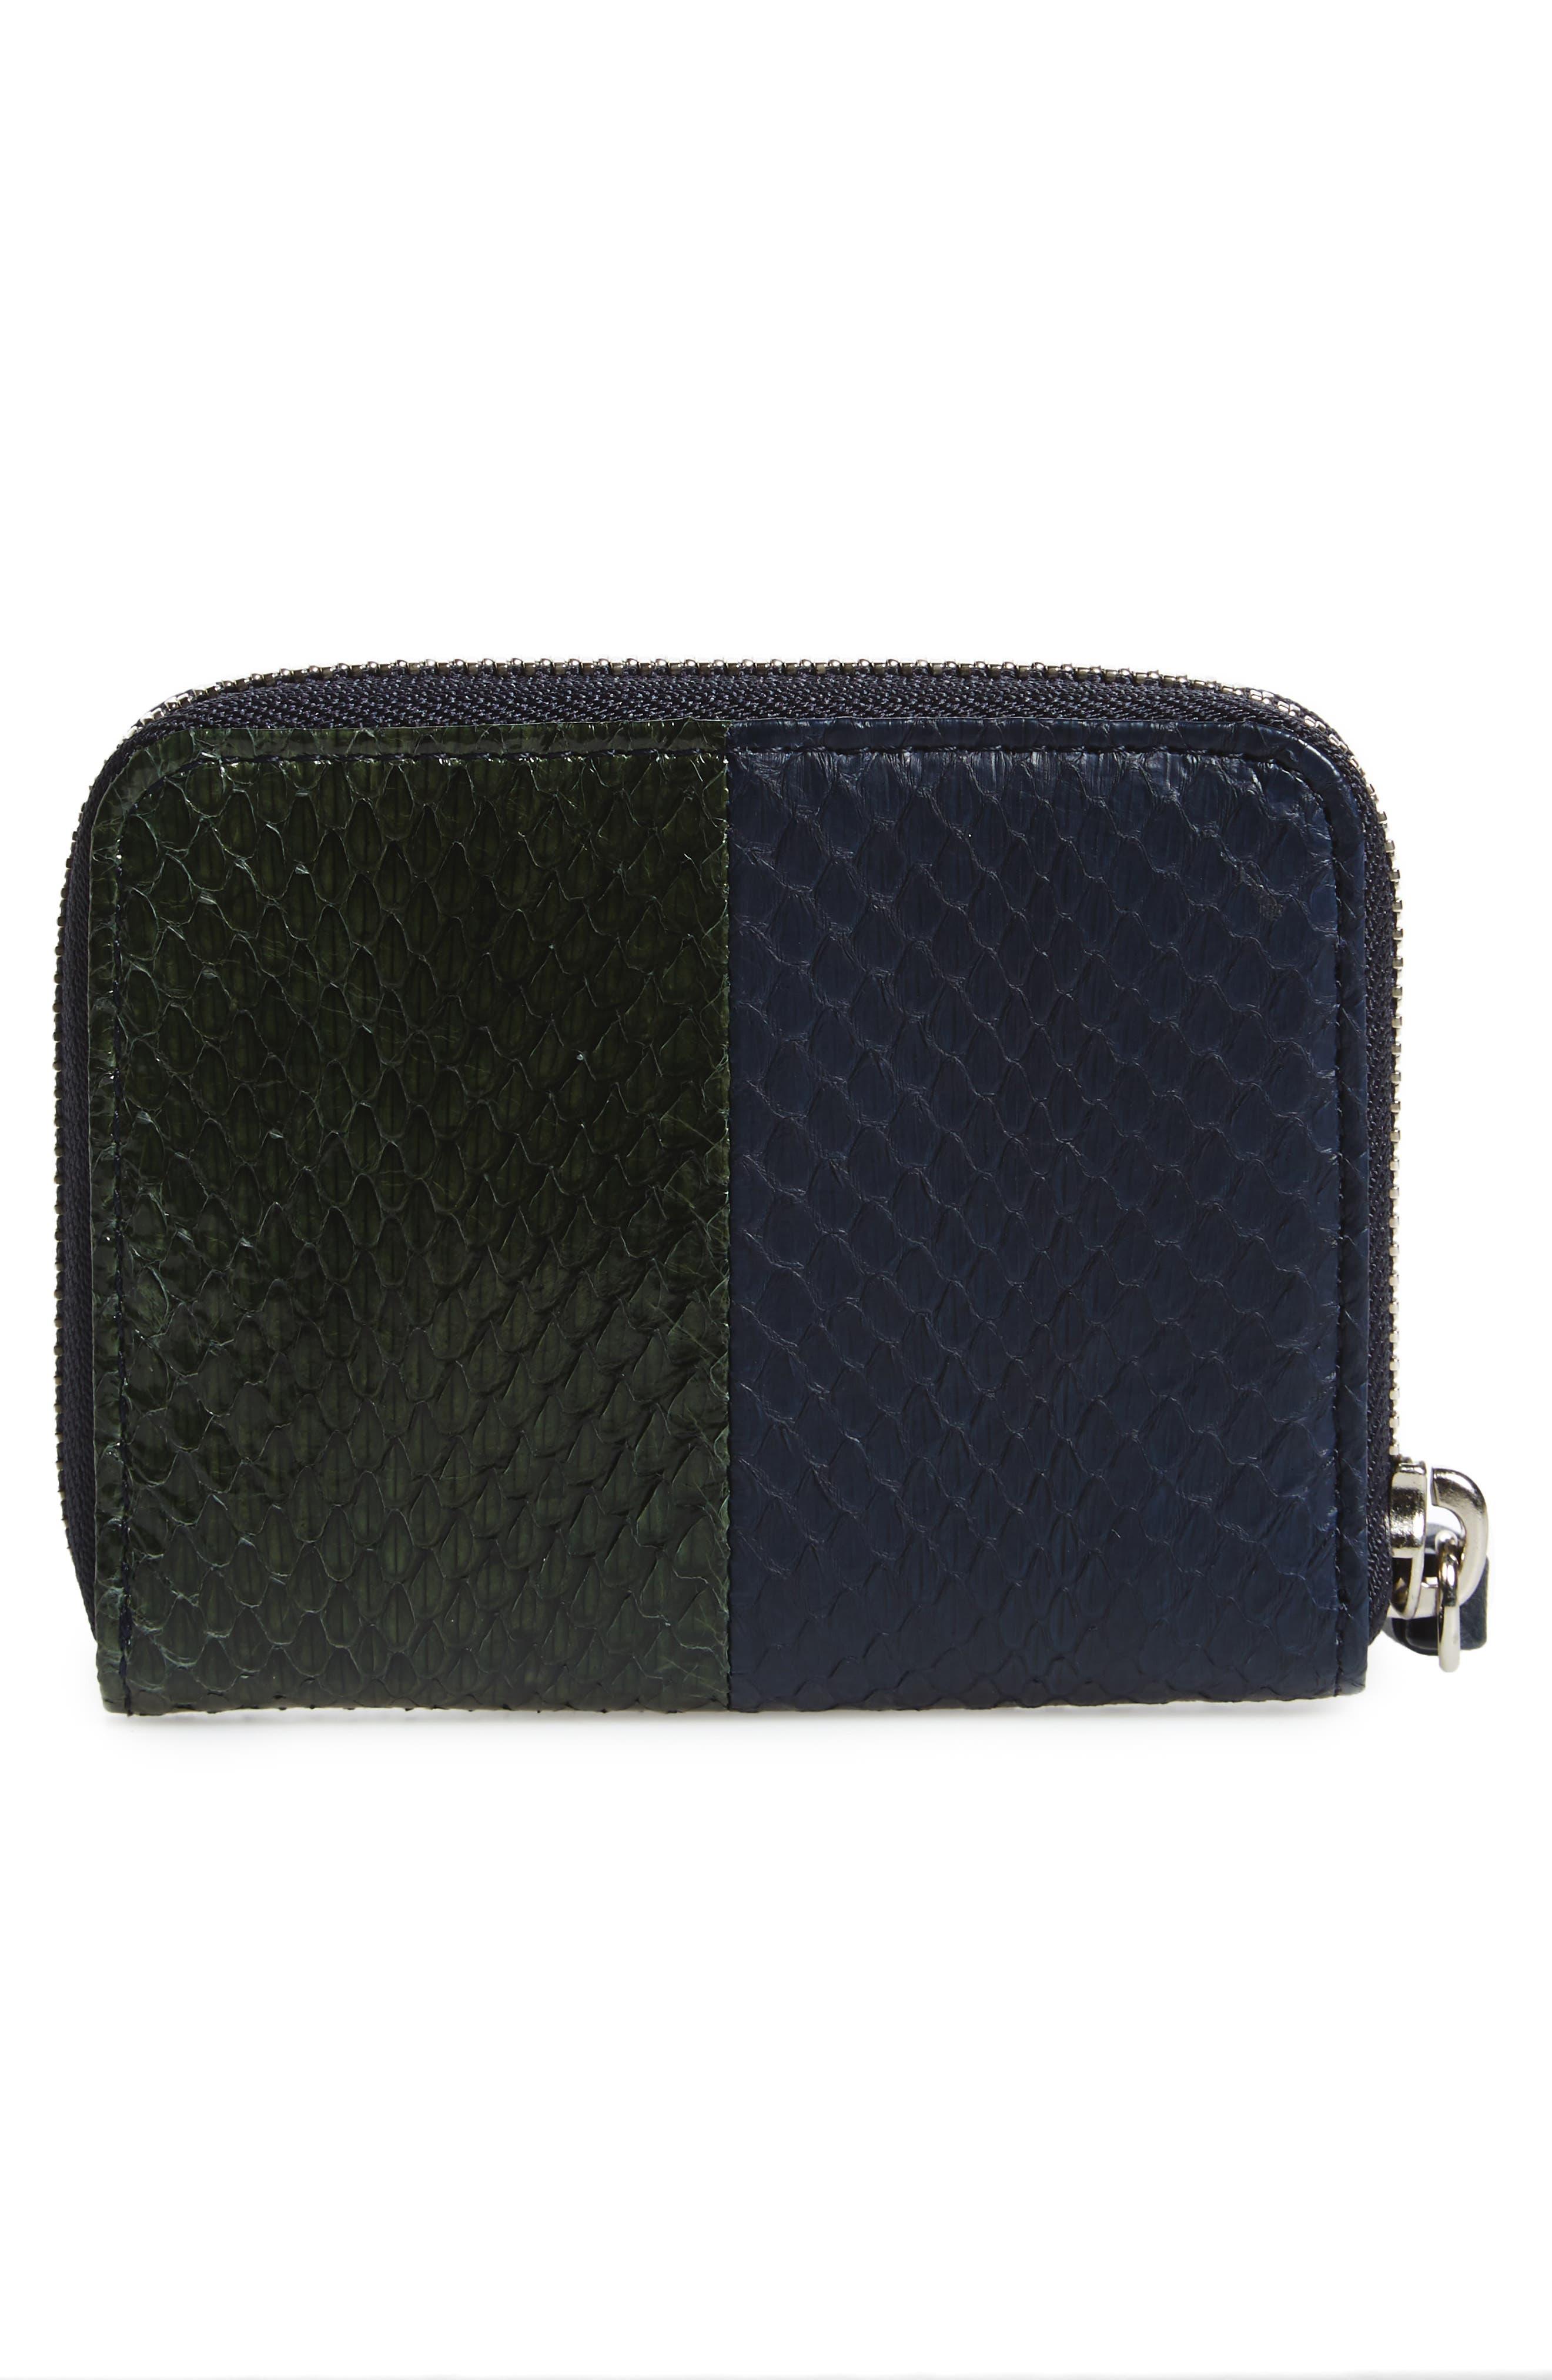 ALLSAINTS Ikuya Leather & Genuine Snakeskin Wallet